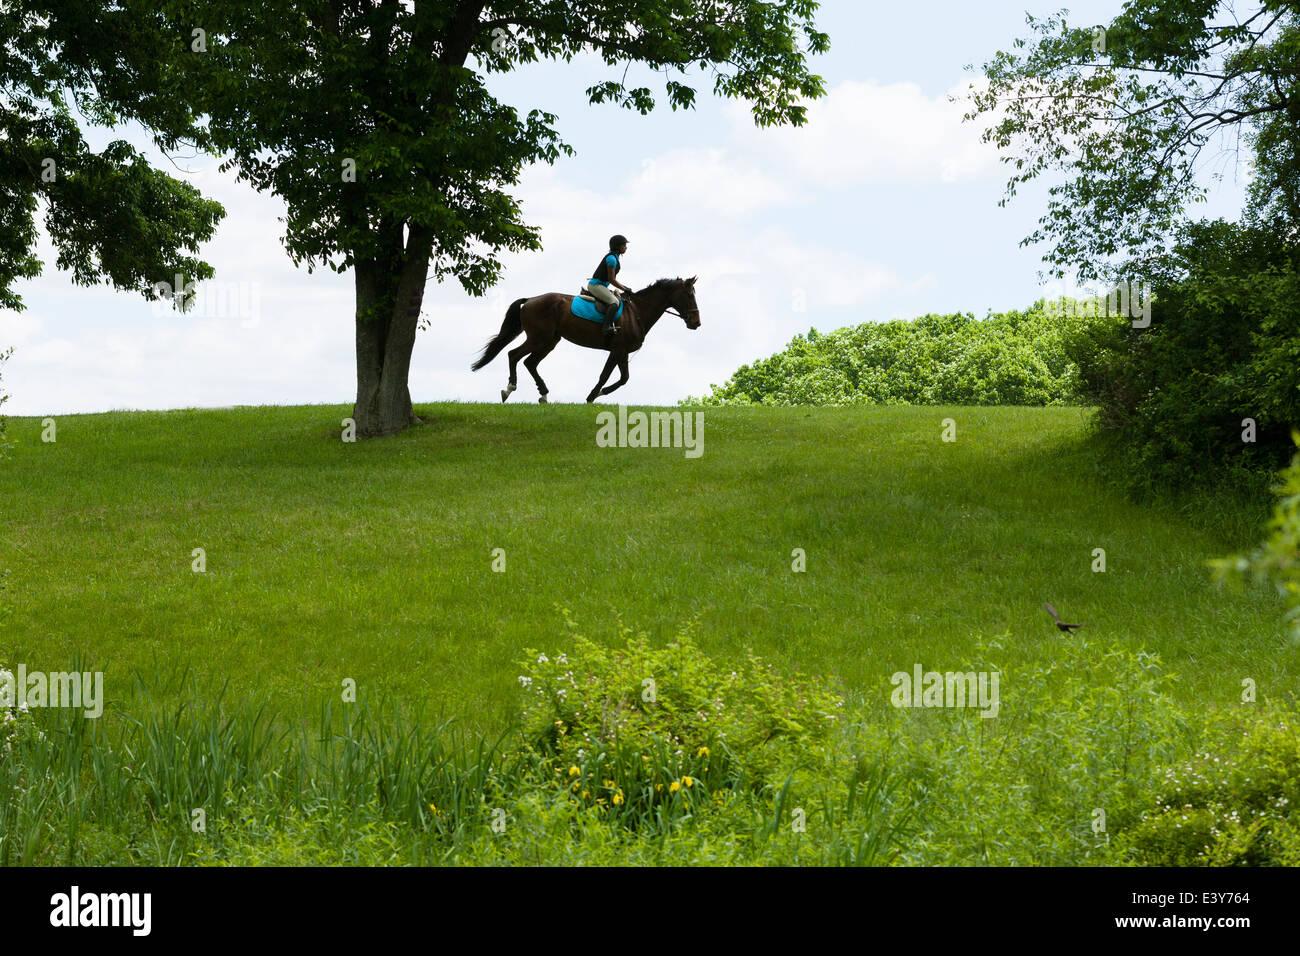 Jinete caballo a través del paisaje de campo Imagen De Stock